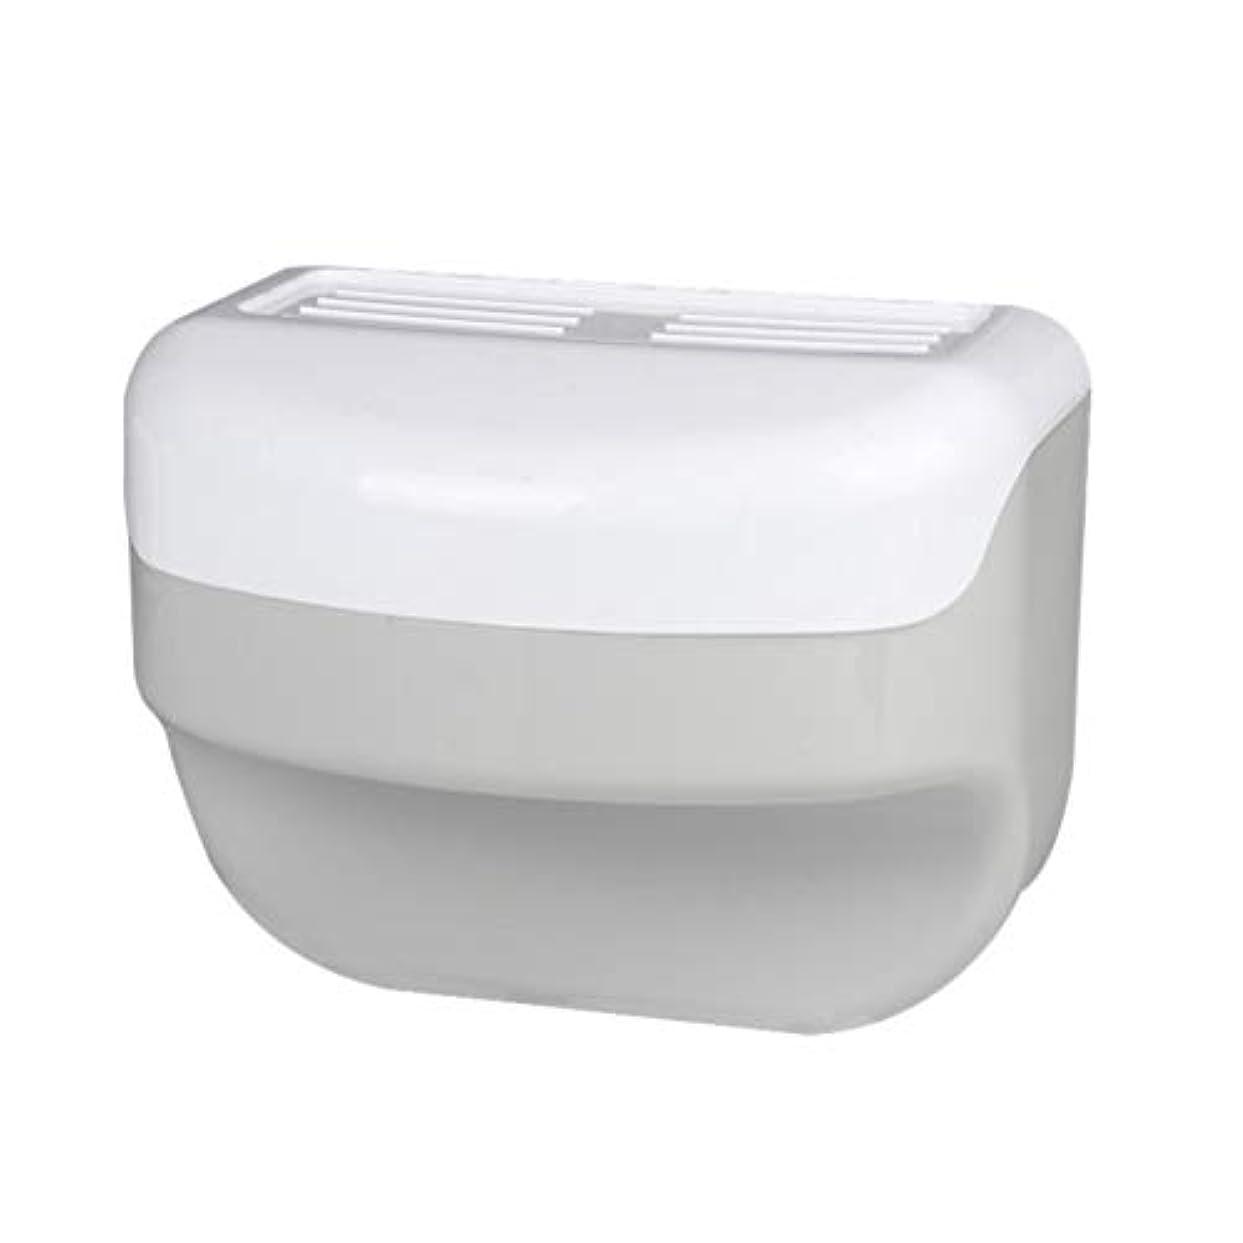 しがみつく有罪名前を作るTOPBATHY 浴室トイレティッシュボックスラック壁吸盤ロールホルダーフリー掘削ネイルフリーティッシュボックス